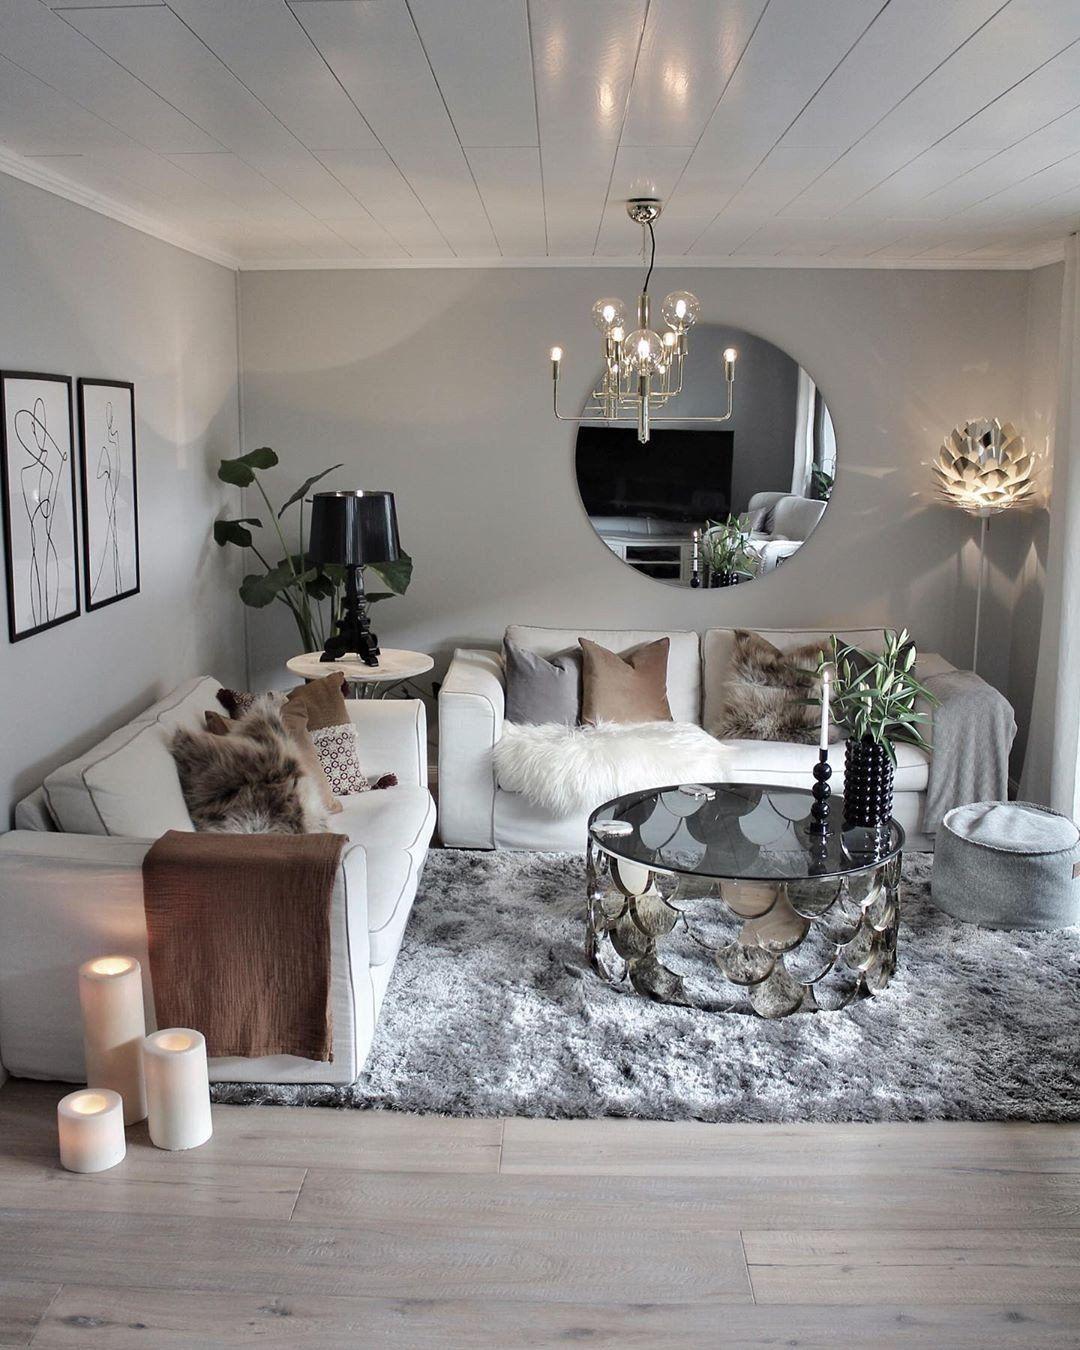 Design Ideas For Living Room 50 Lovely Living Room Design Ideas For 2020 Do It Before Living Room Styles Luxury Living Room Design Living Room Decor Apartment